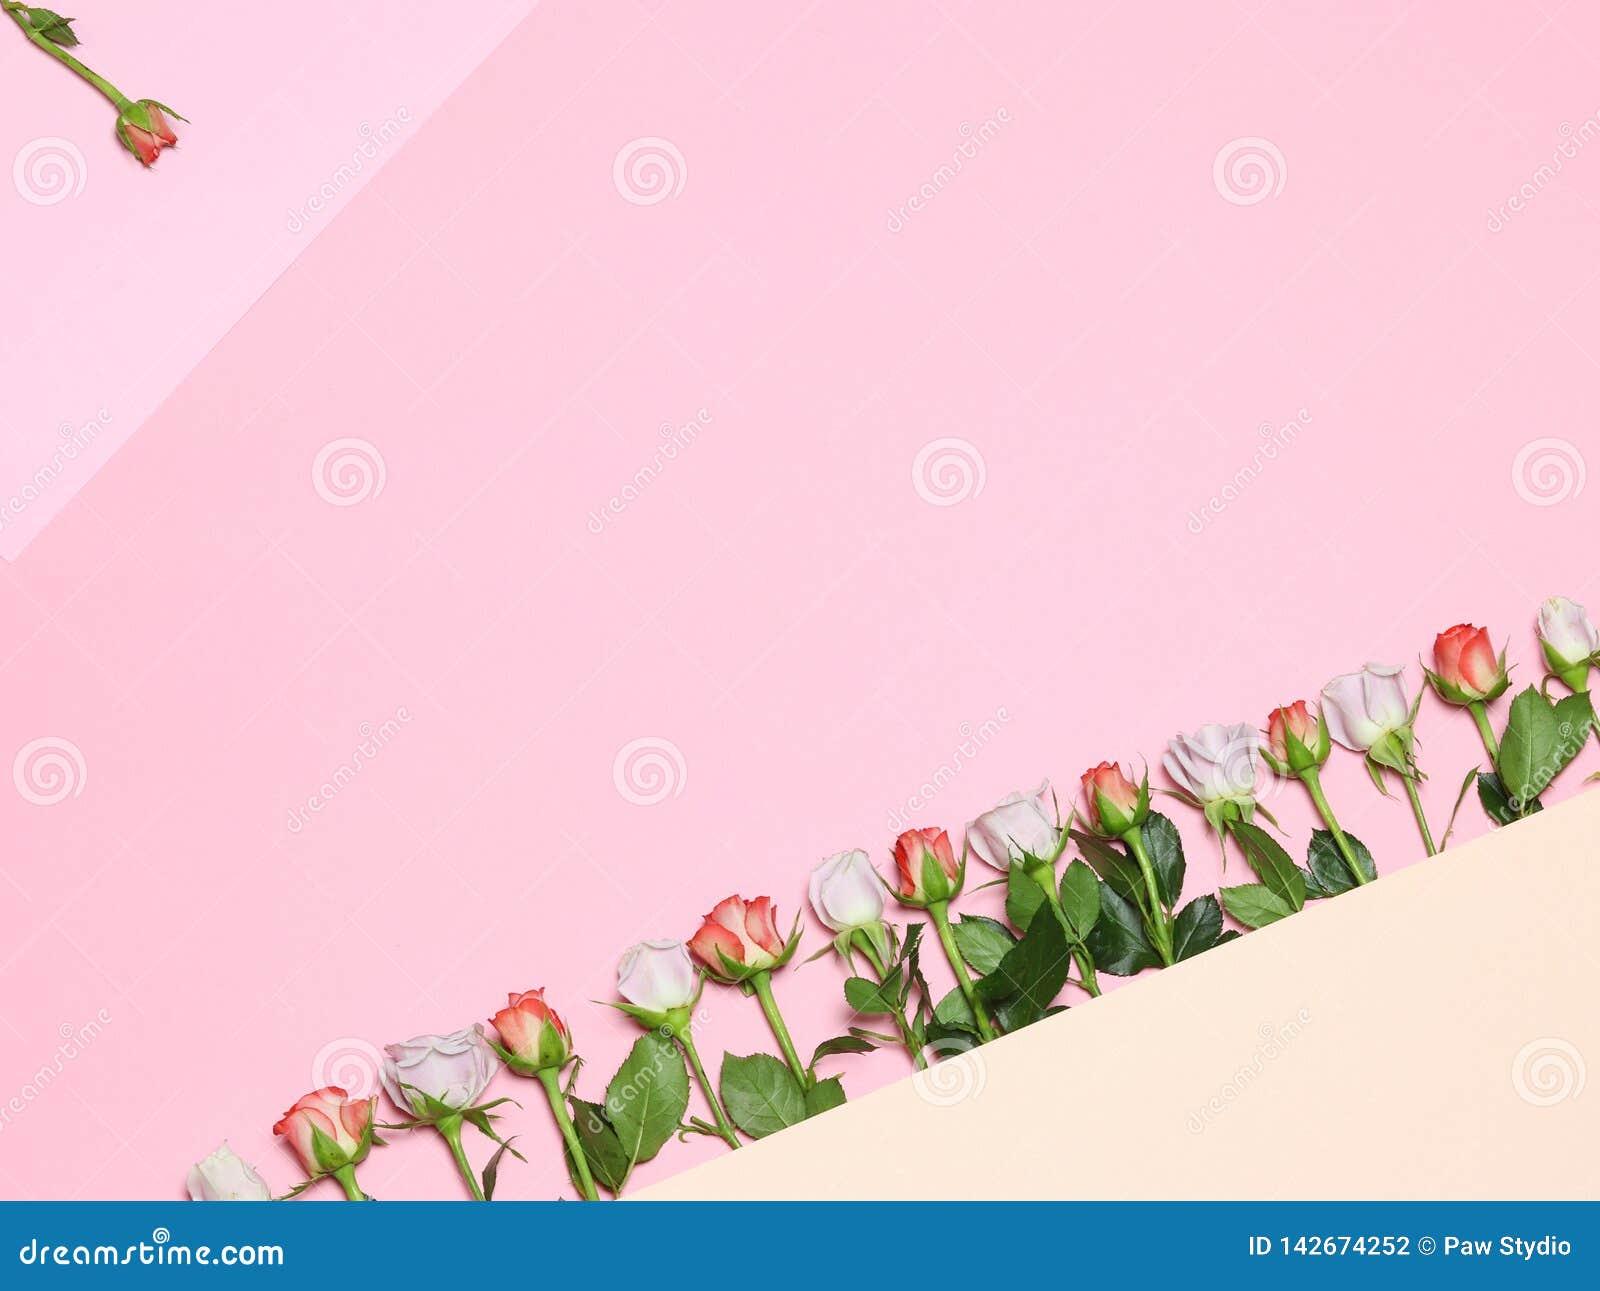 背景花光playnig 舱内甲板放置与桃红色玫瑰 桃红色白玫瑰 节假日桃红色背景